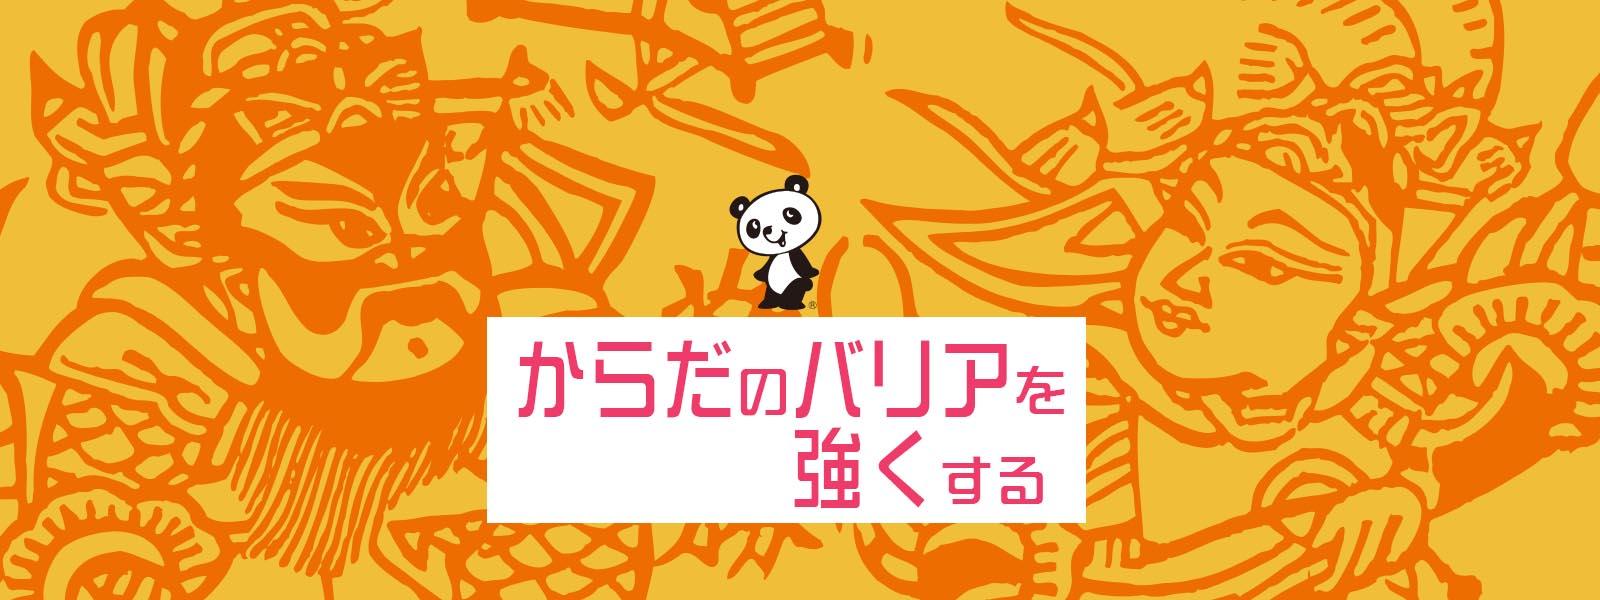 からだのバリア衛気を強くする漢方薬 イスクラの漢方薬のご購入は、表参道・青山・原宿・渋谷エリアにある漢方薬店・薬戸金堂へ